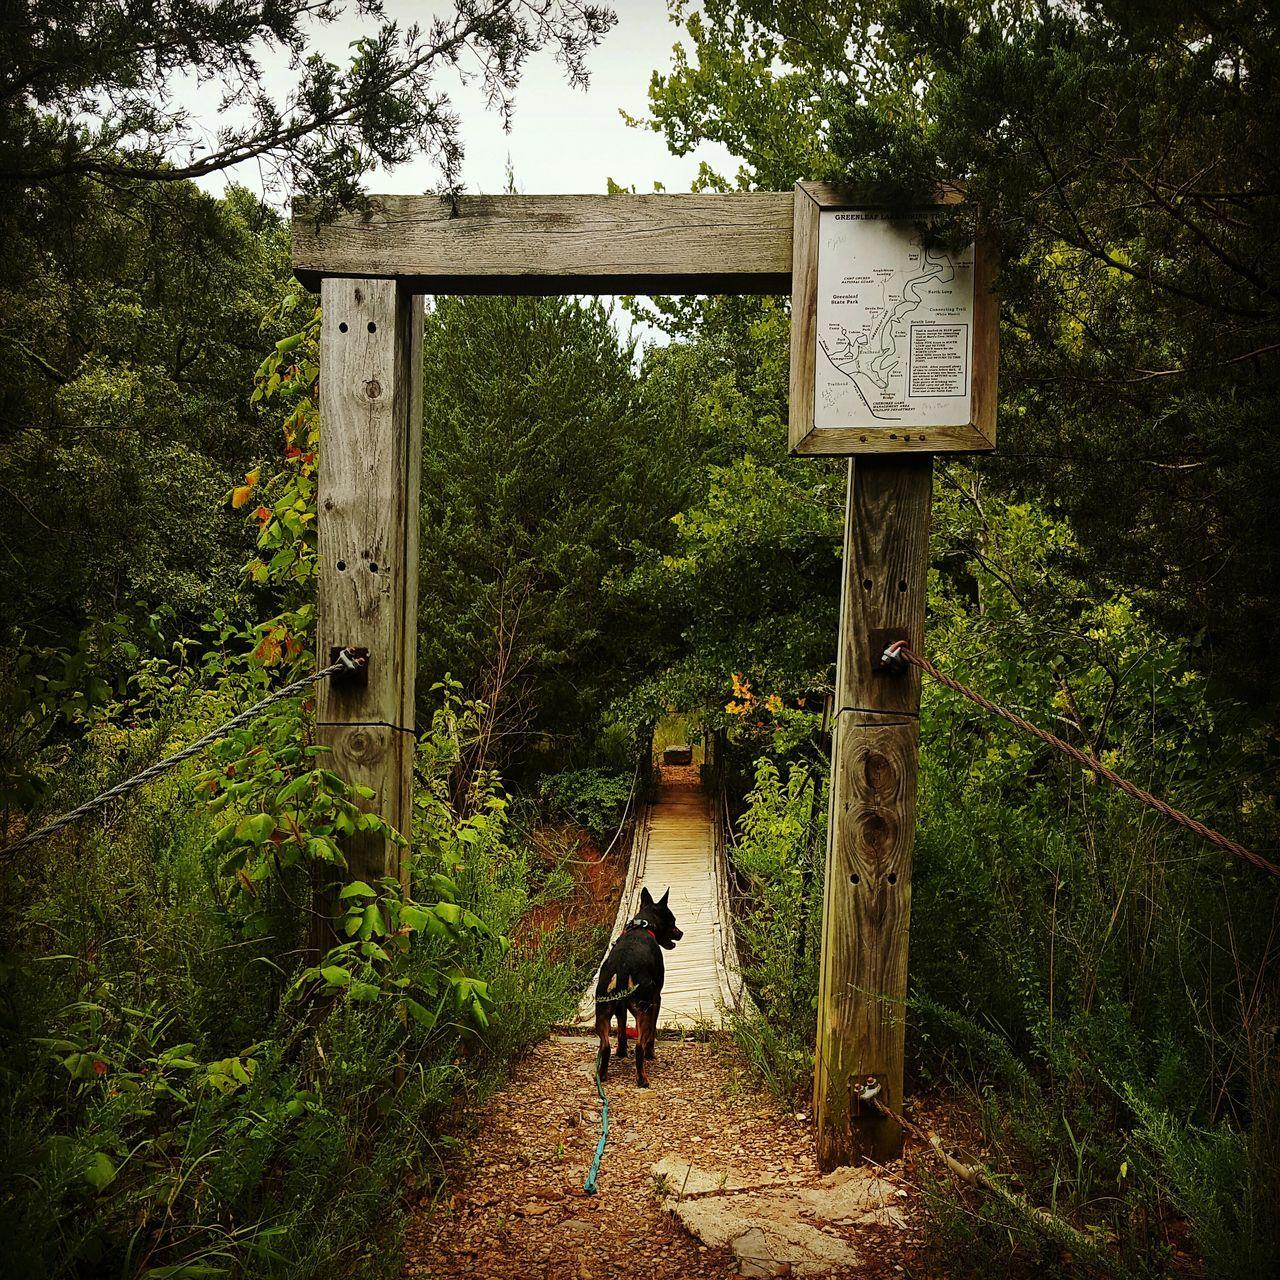 Hiking Good Dog Companion Four-legged Friend Bridge Trail